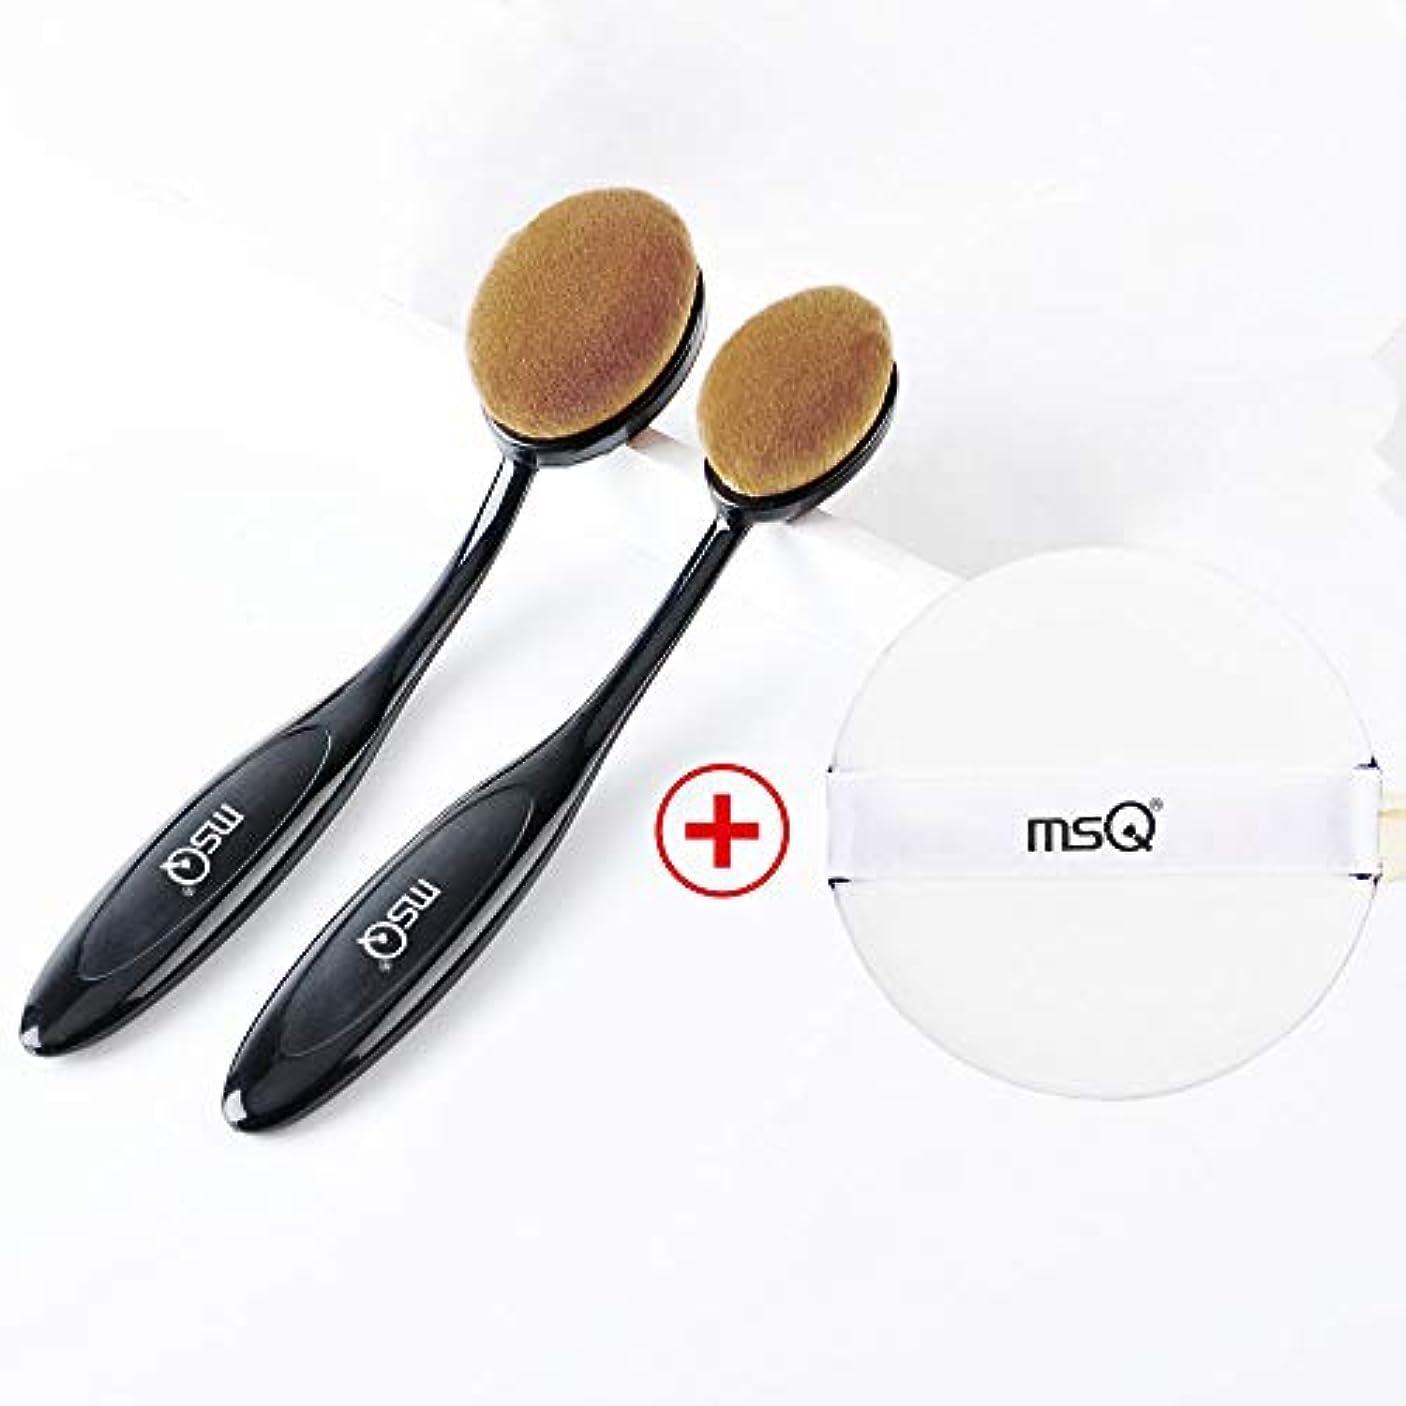 キー人気の釈義MSQ 化粧ブラシ 歯ブラシ型 高級繊維毛 ファンデーションブラシ メイクブラシ メイクアップブラシ コスメ 化粧 ファンデーションブラシ 2点セット+パフ